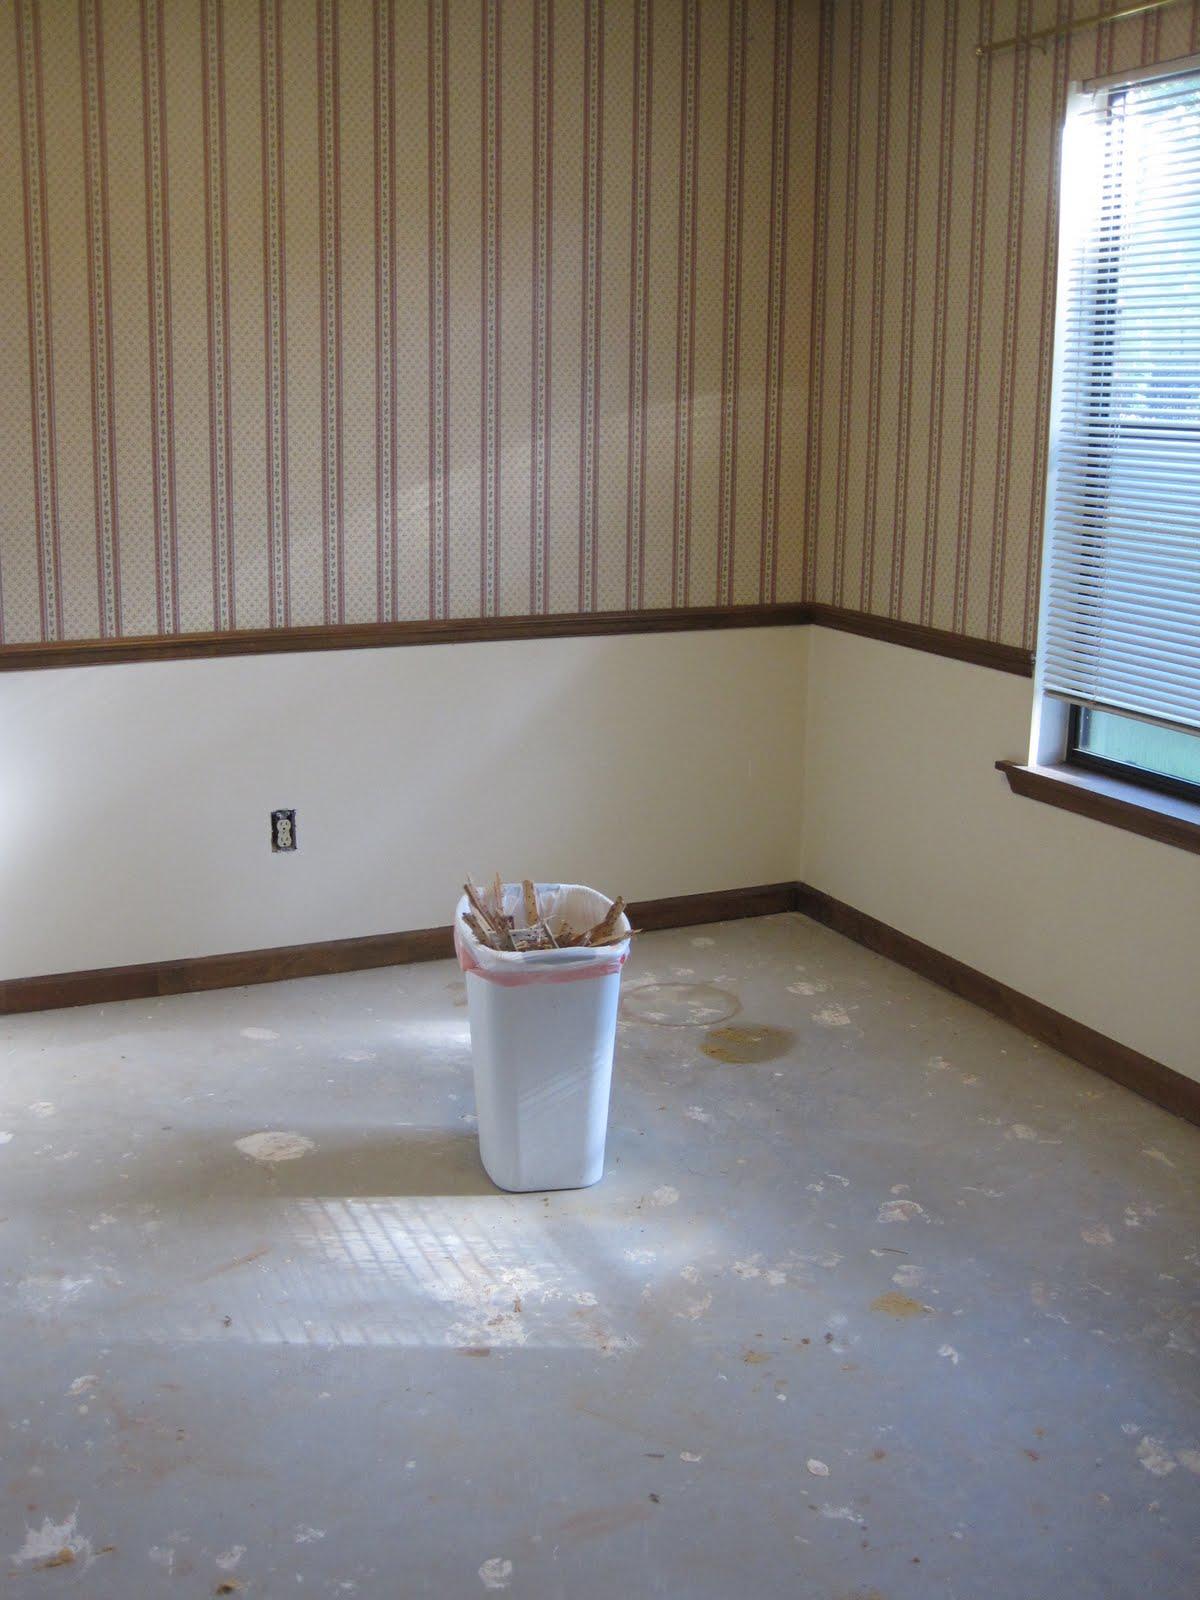 Dining Room Progress: Flooring Prep